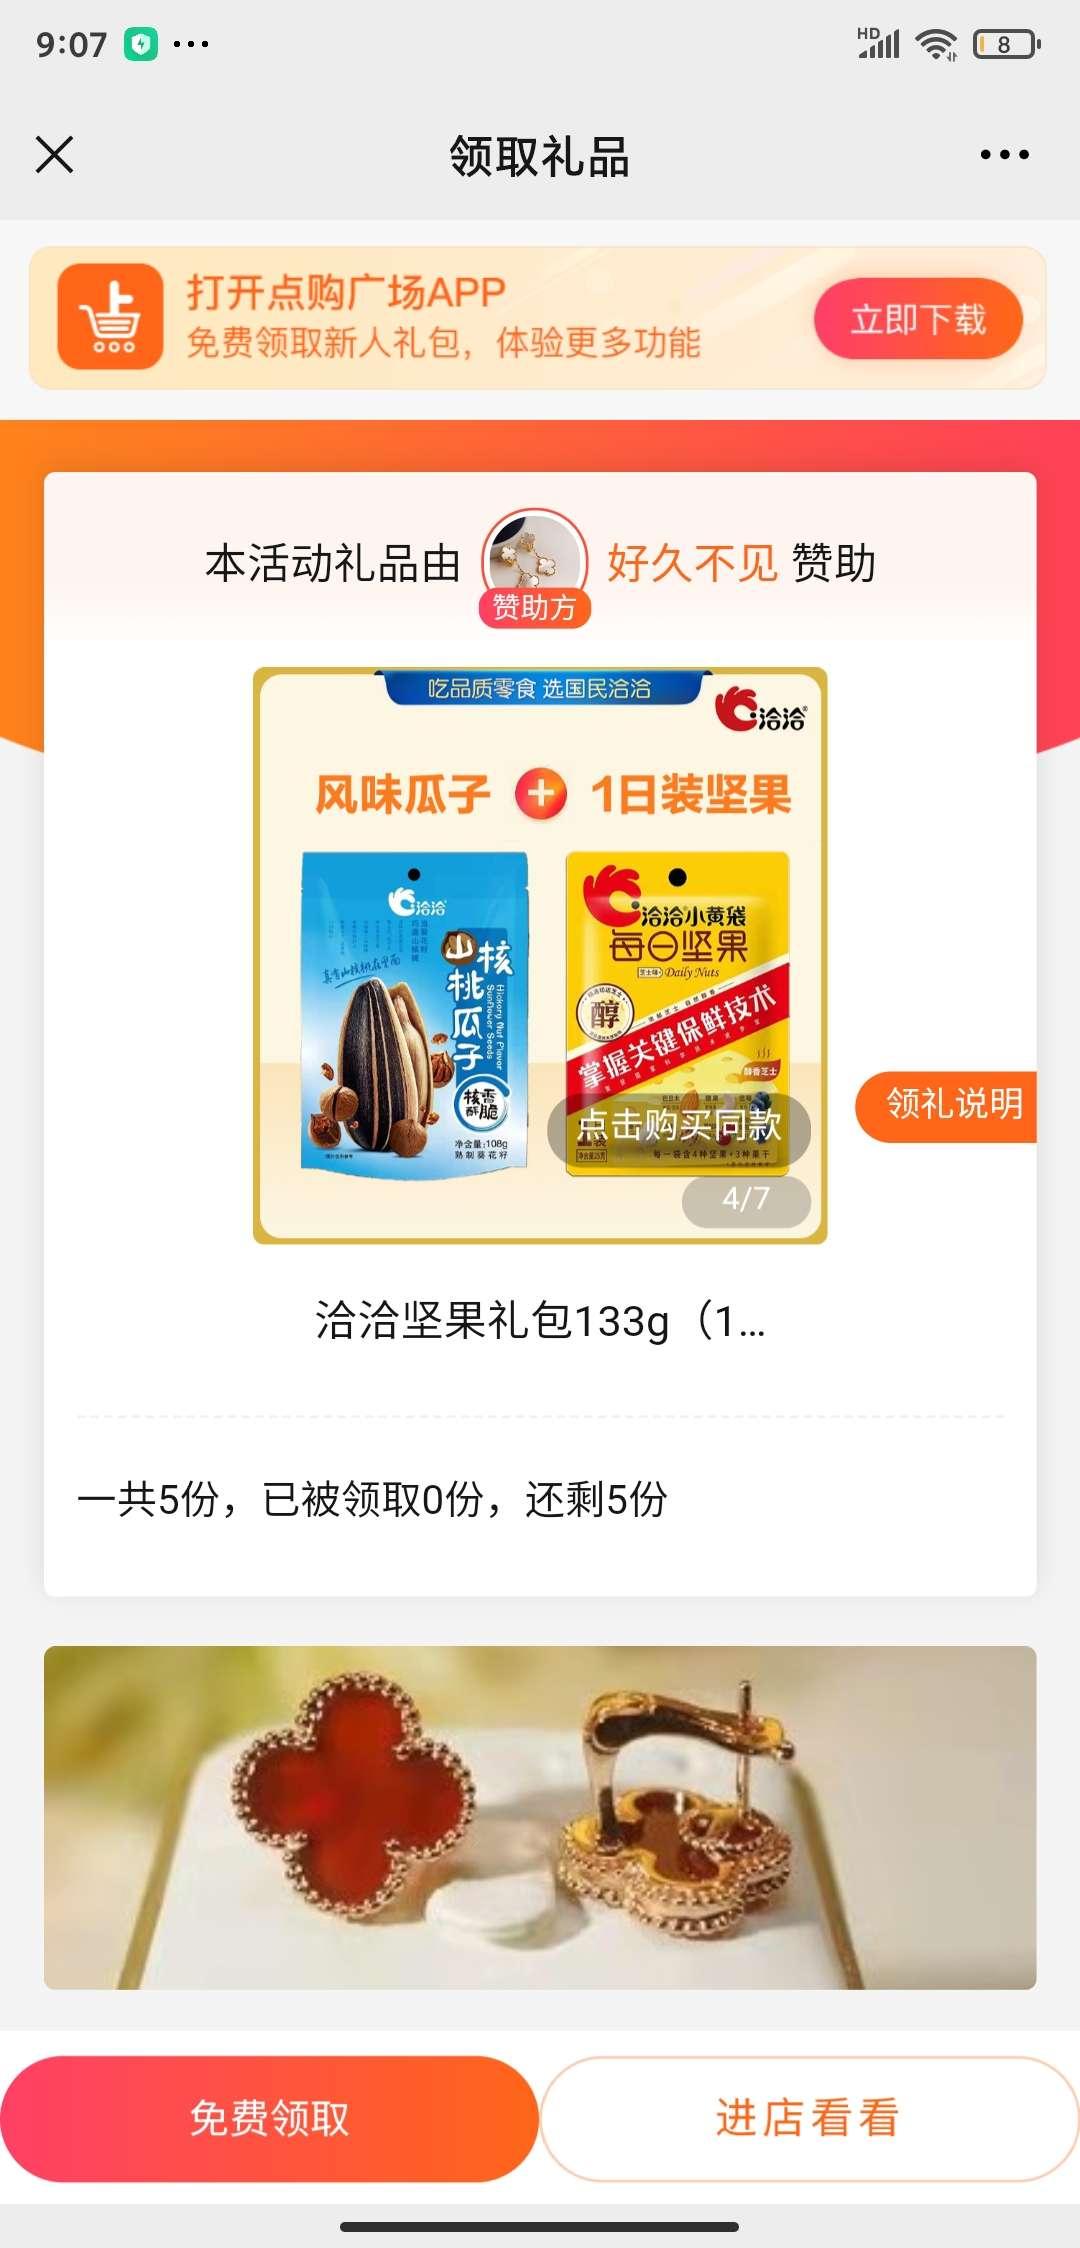 点购广场app新用户领恰恰坚果礼包